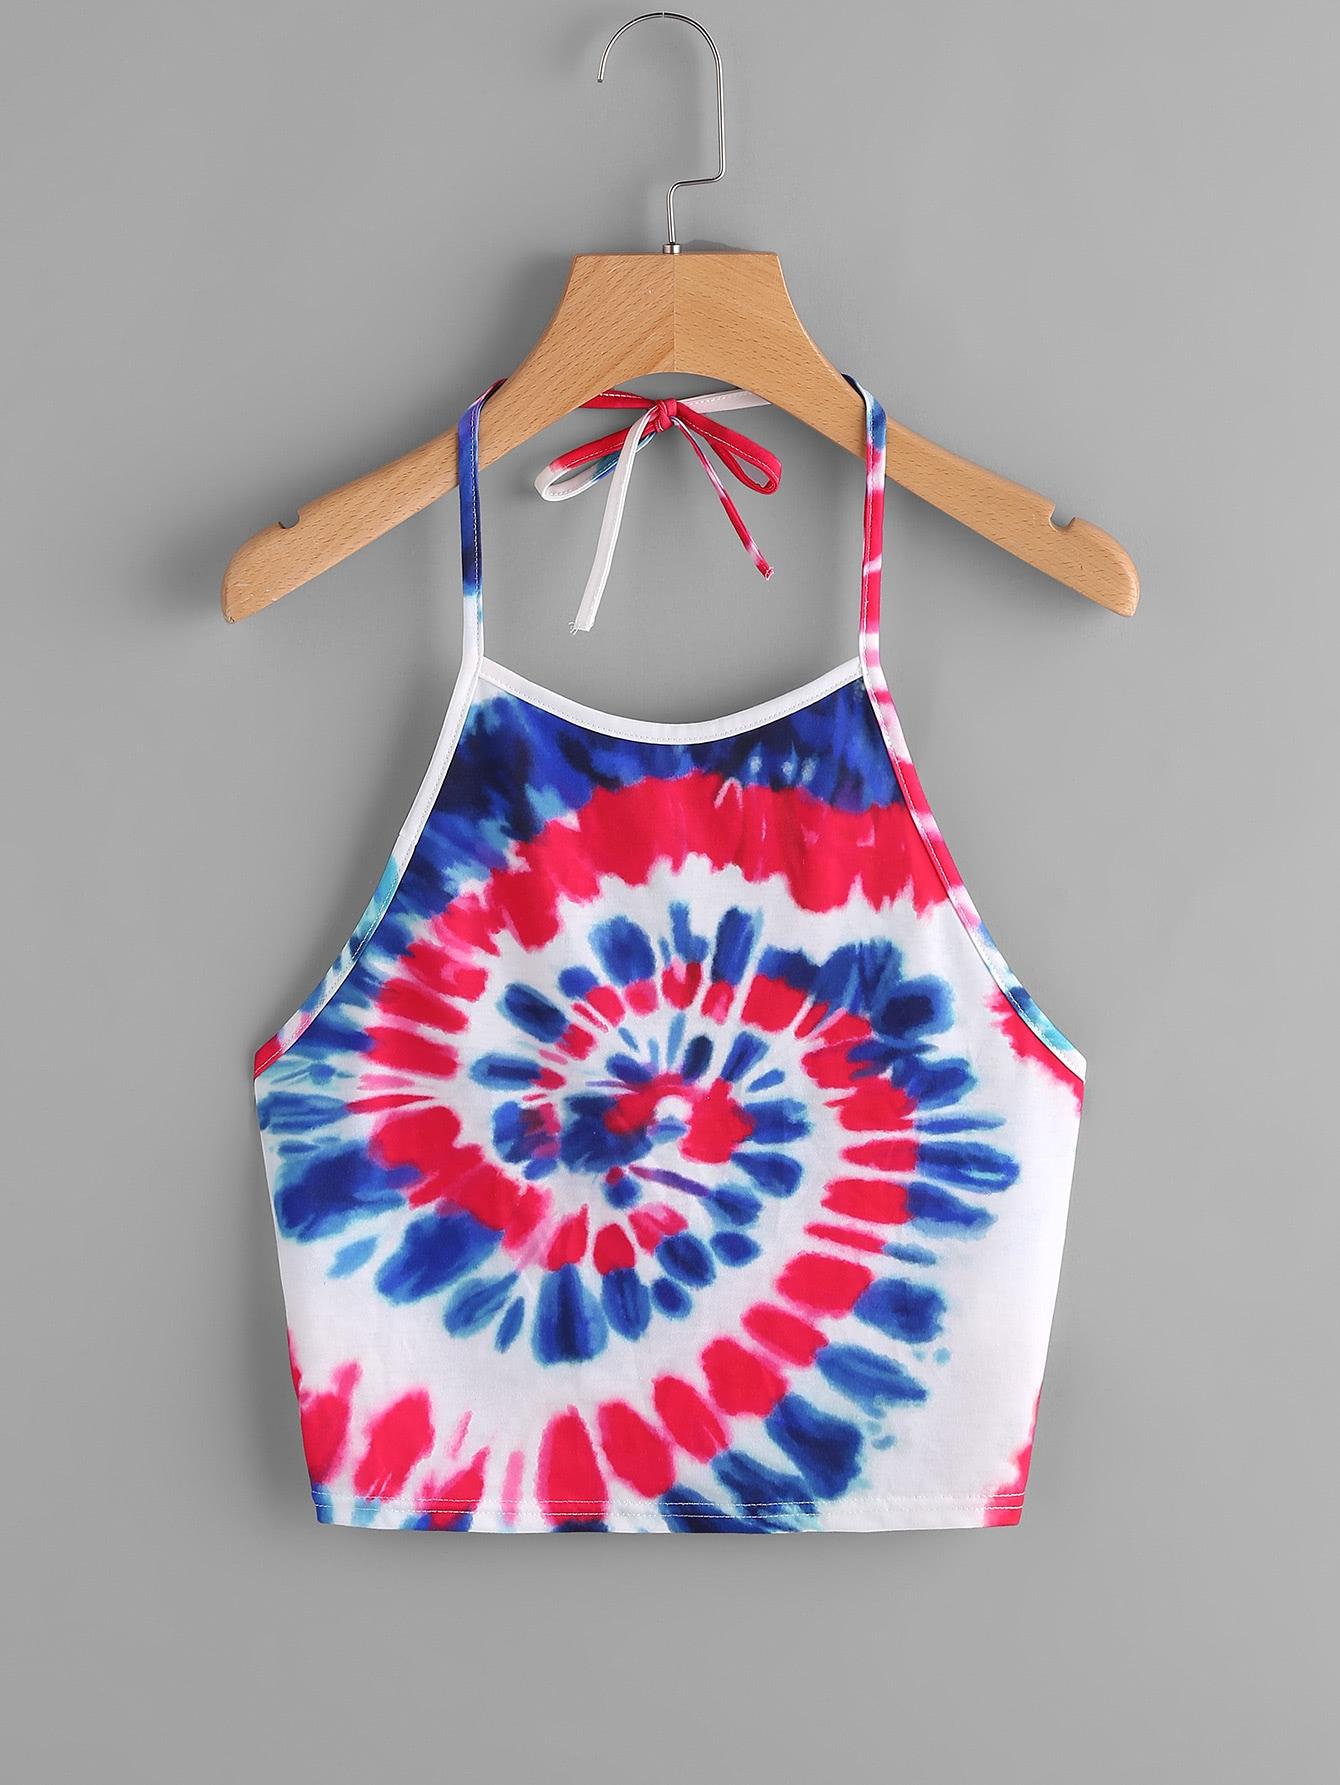 Spiral Tie Dye Print Tie Halter Top tie dye print halter neck top